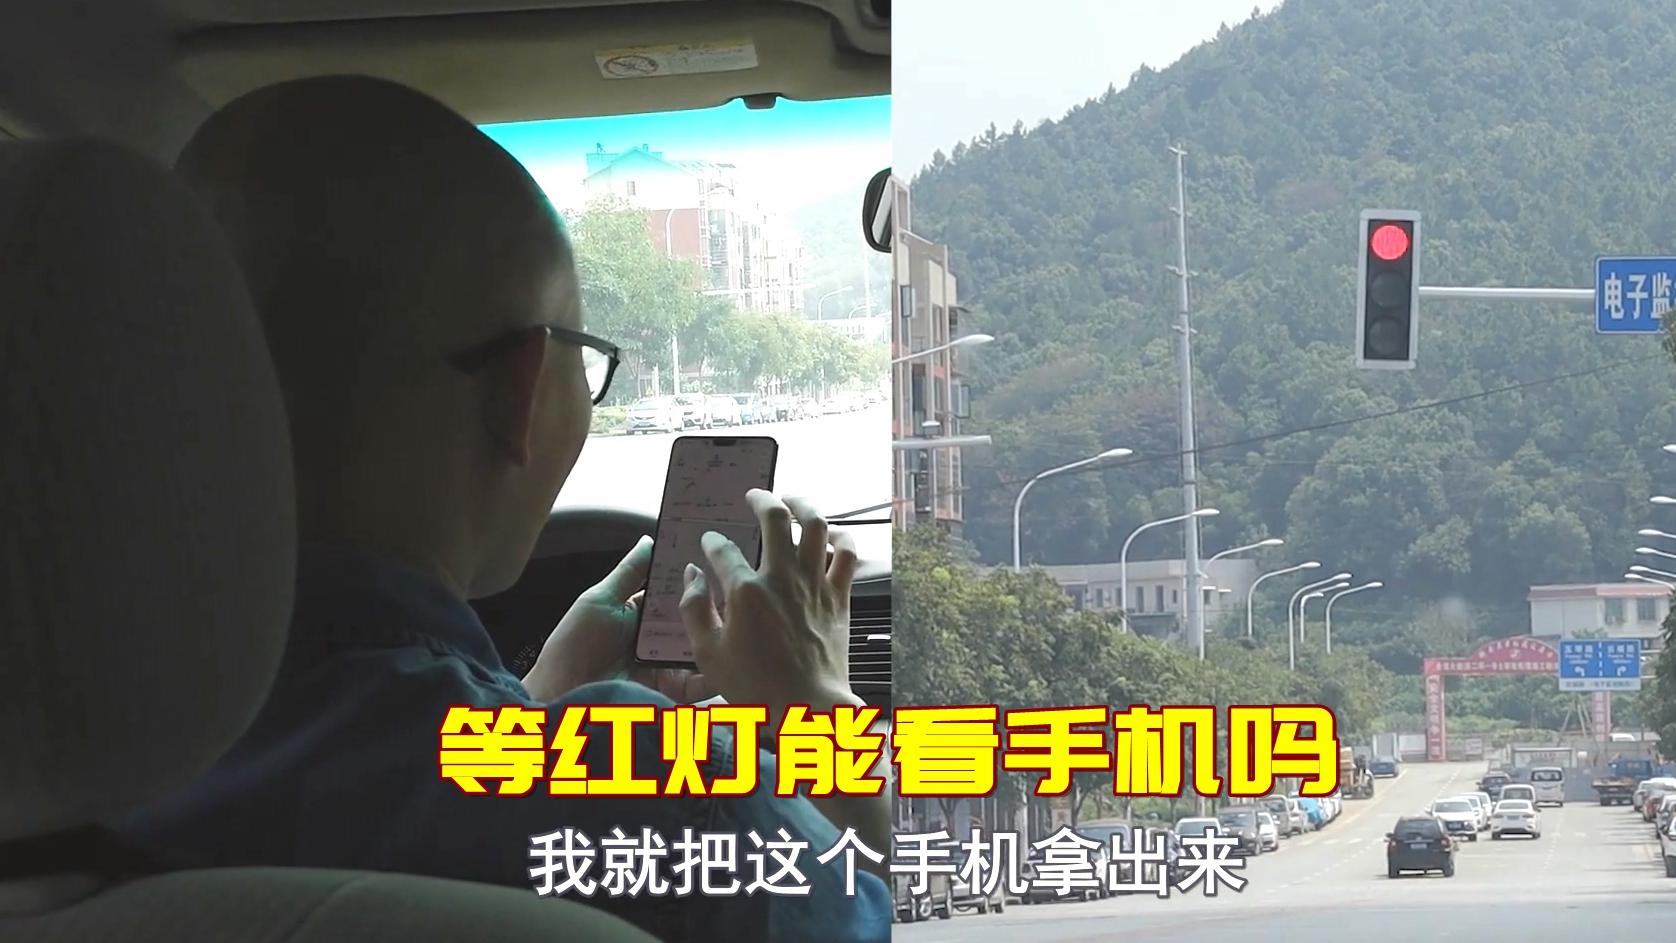 开车等红灯到底能不能看手机?实车演示给你看,以后你还看手机吗